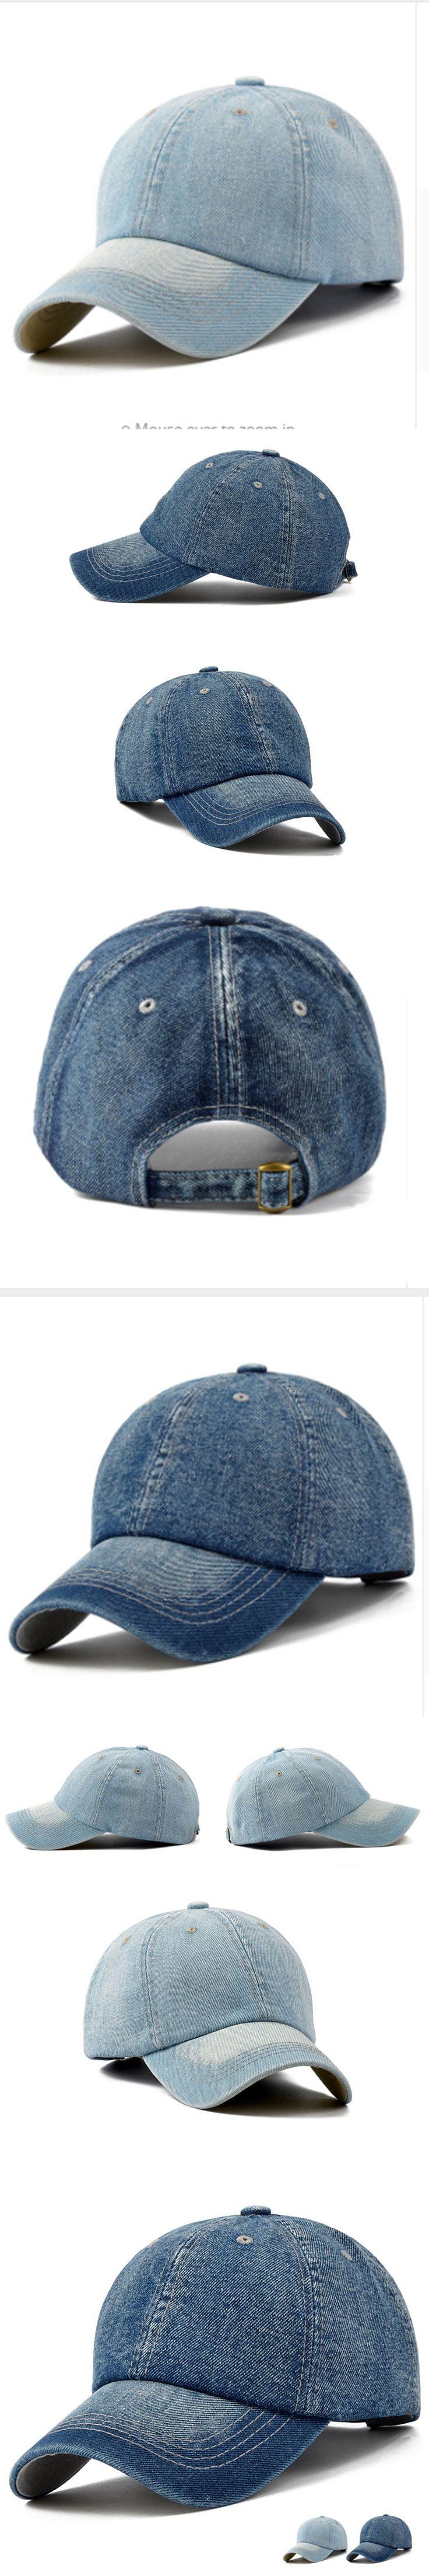 Jeans Denim Blank Gorras Casquette Plain 2017 Cap Hat Baseball Cap Men Women Snapback Caps Brand Golf Hats For Women Visor Bone